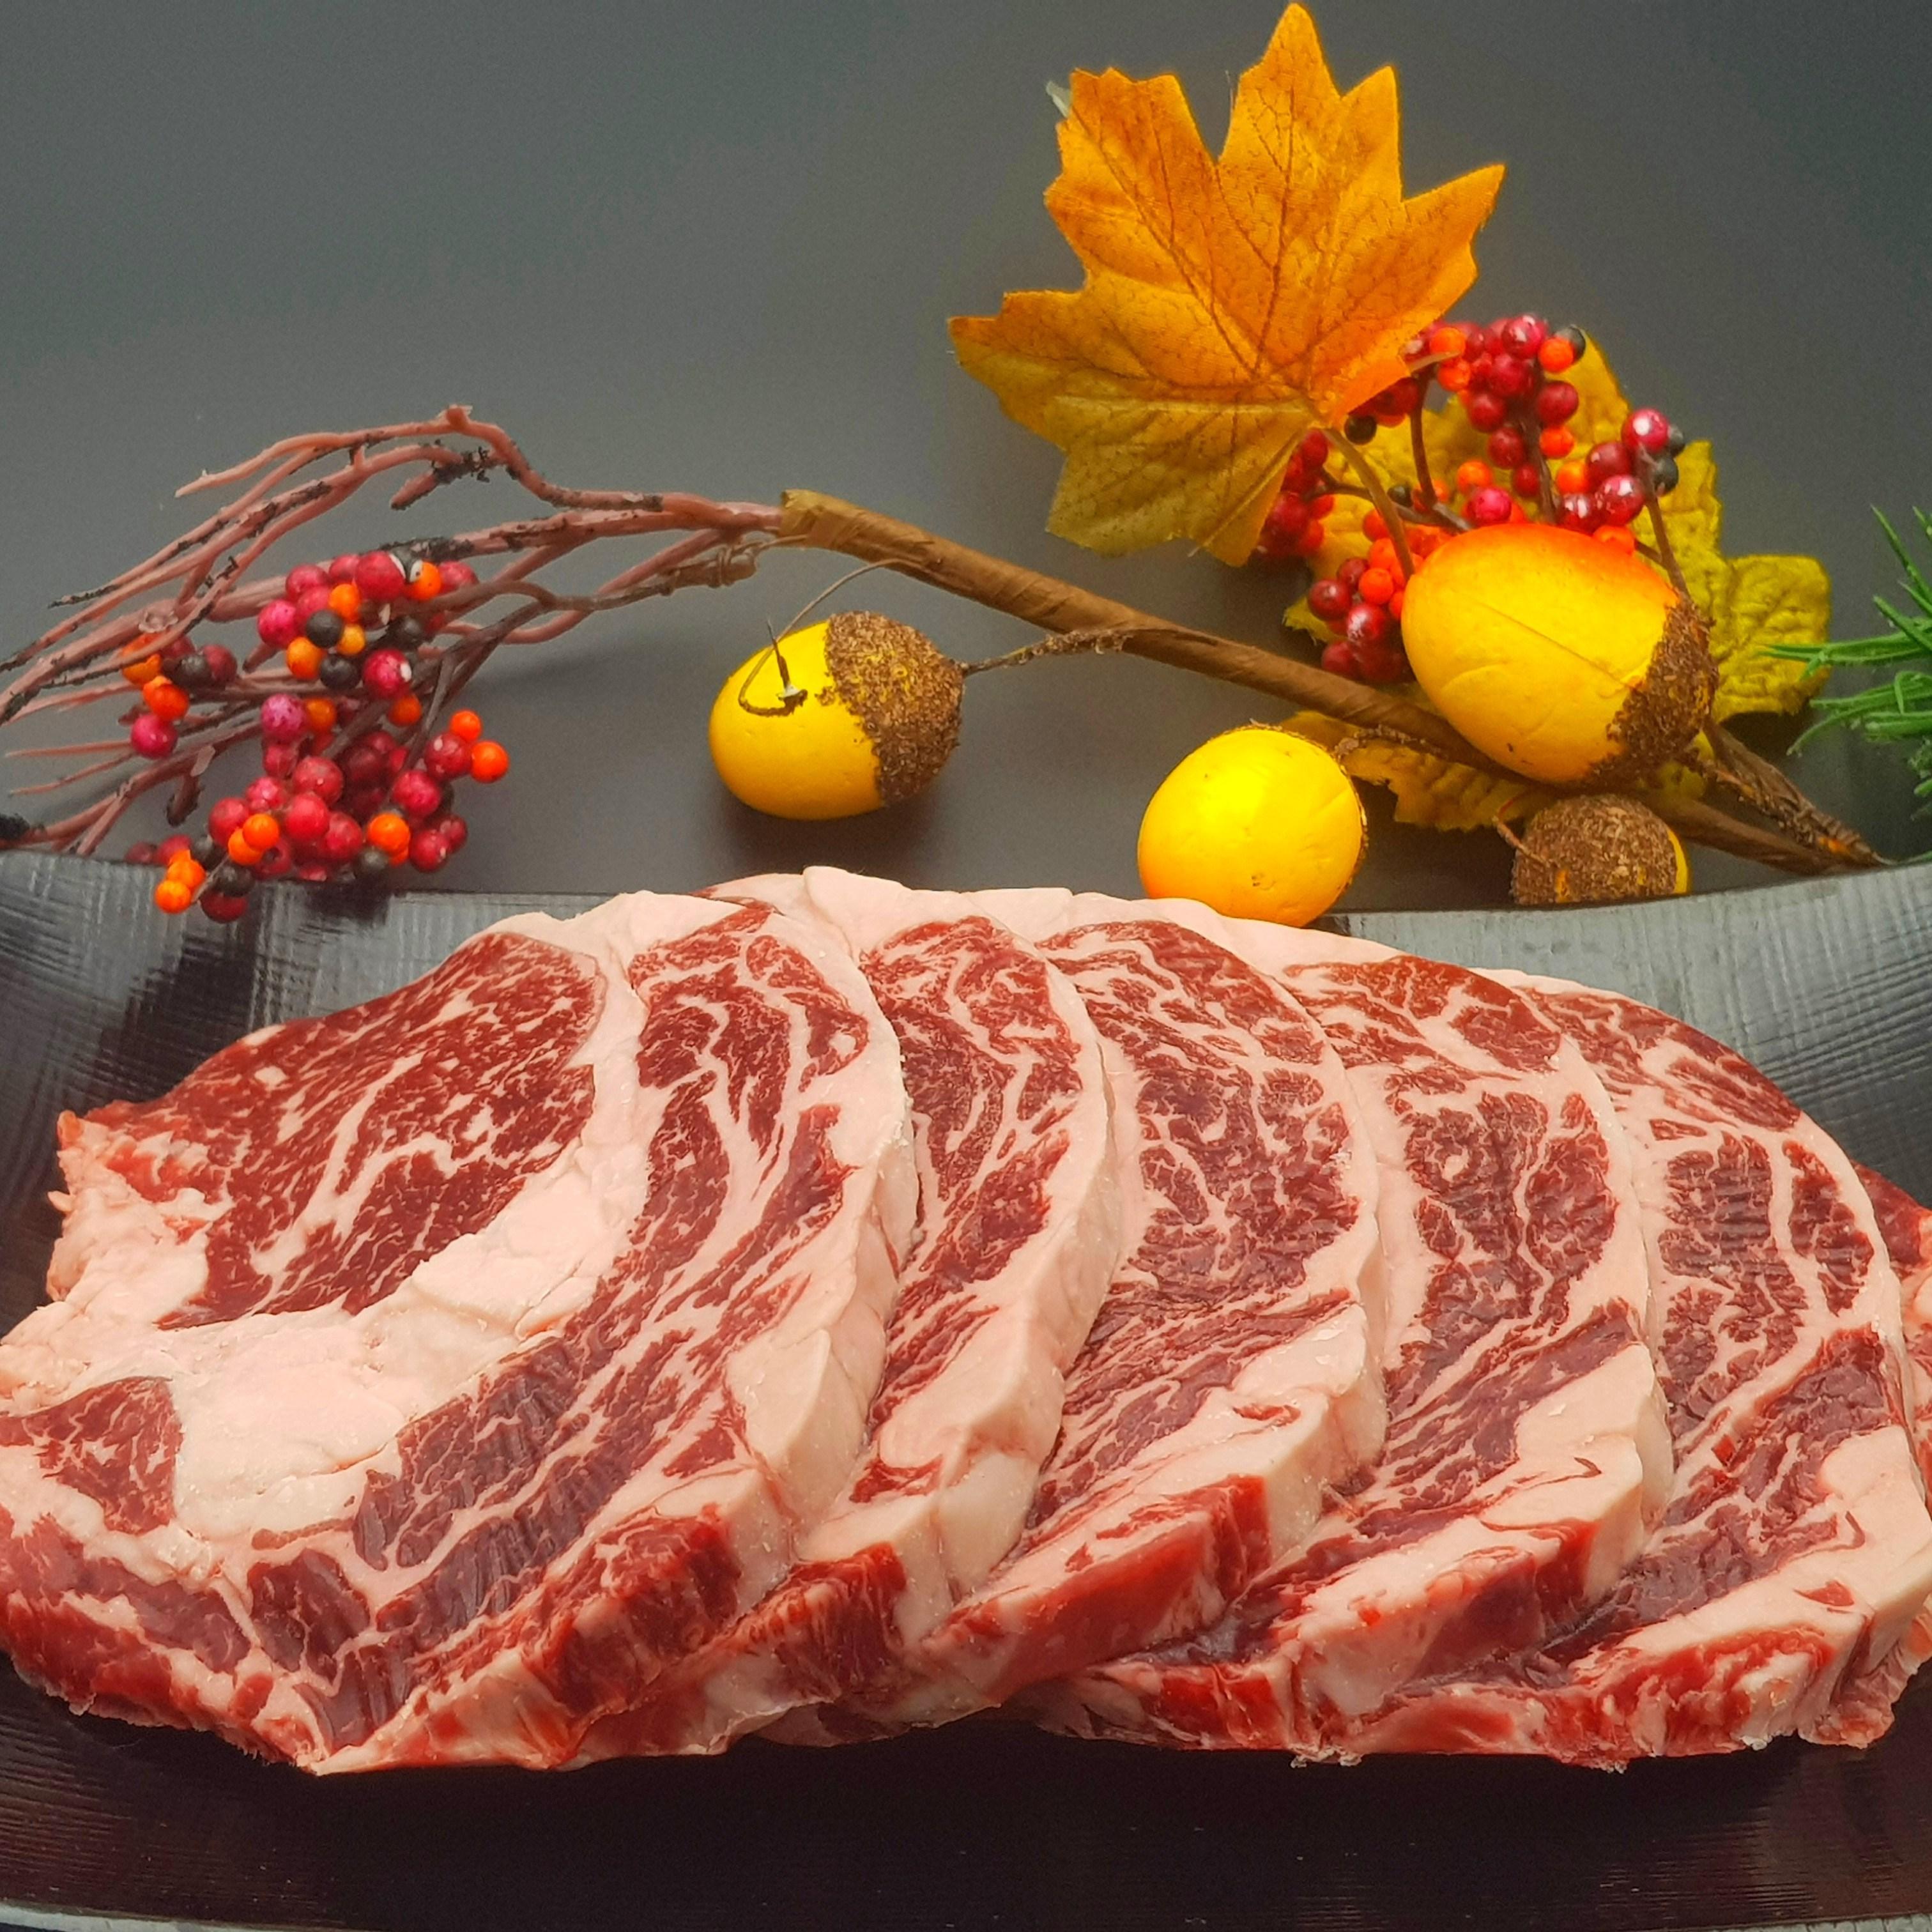 고기좀먹고살자 호주산 와규 꽃등심 2.4kg, 1개